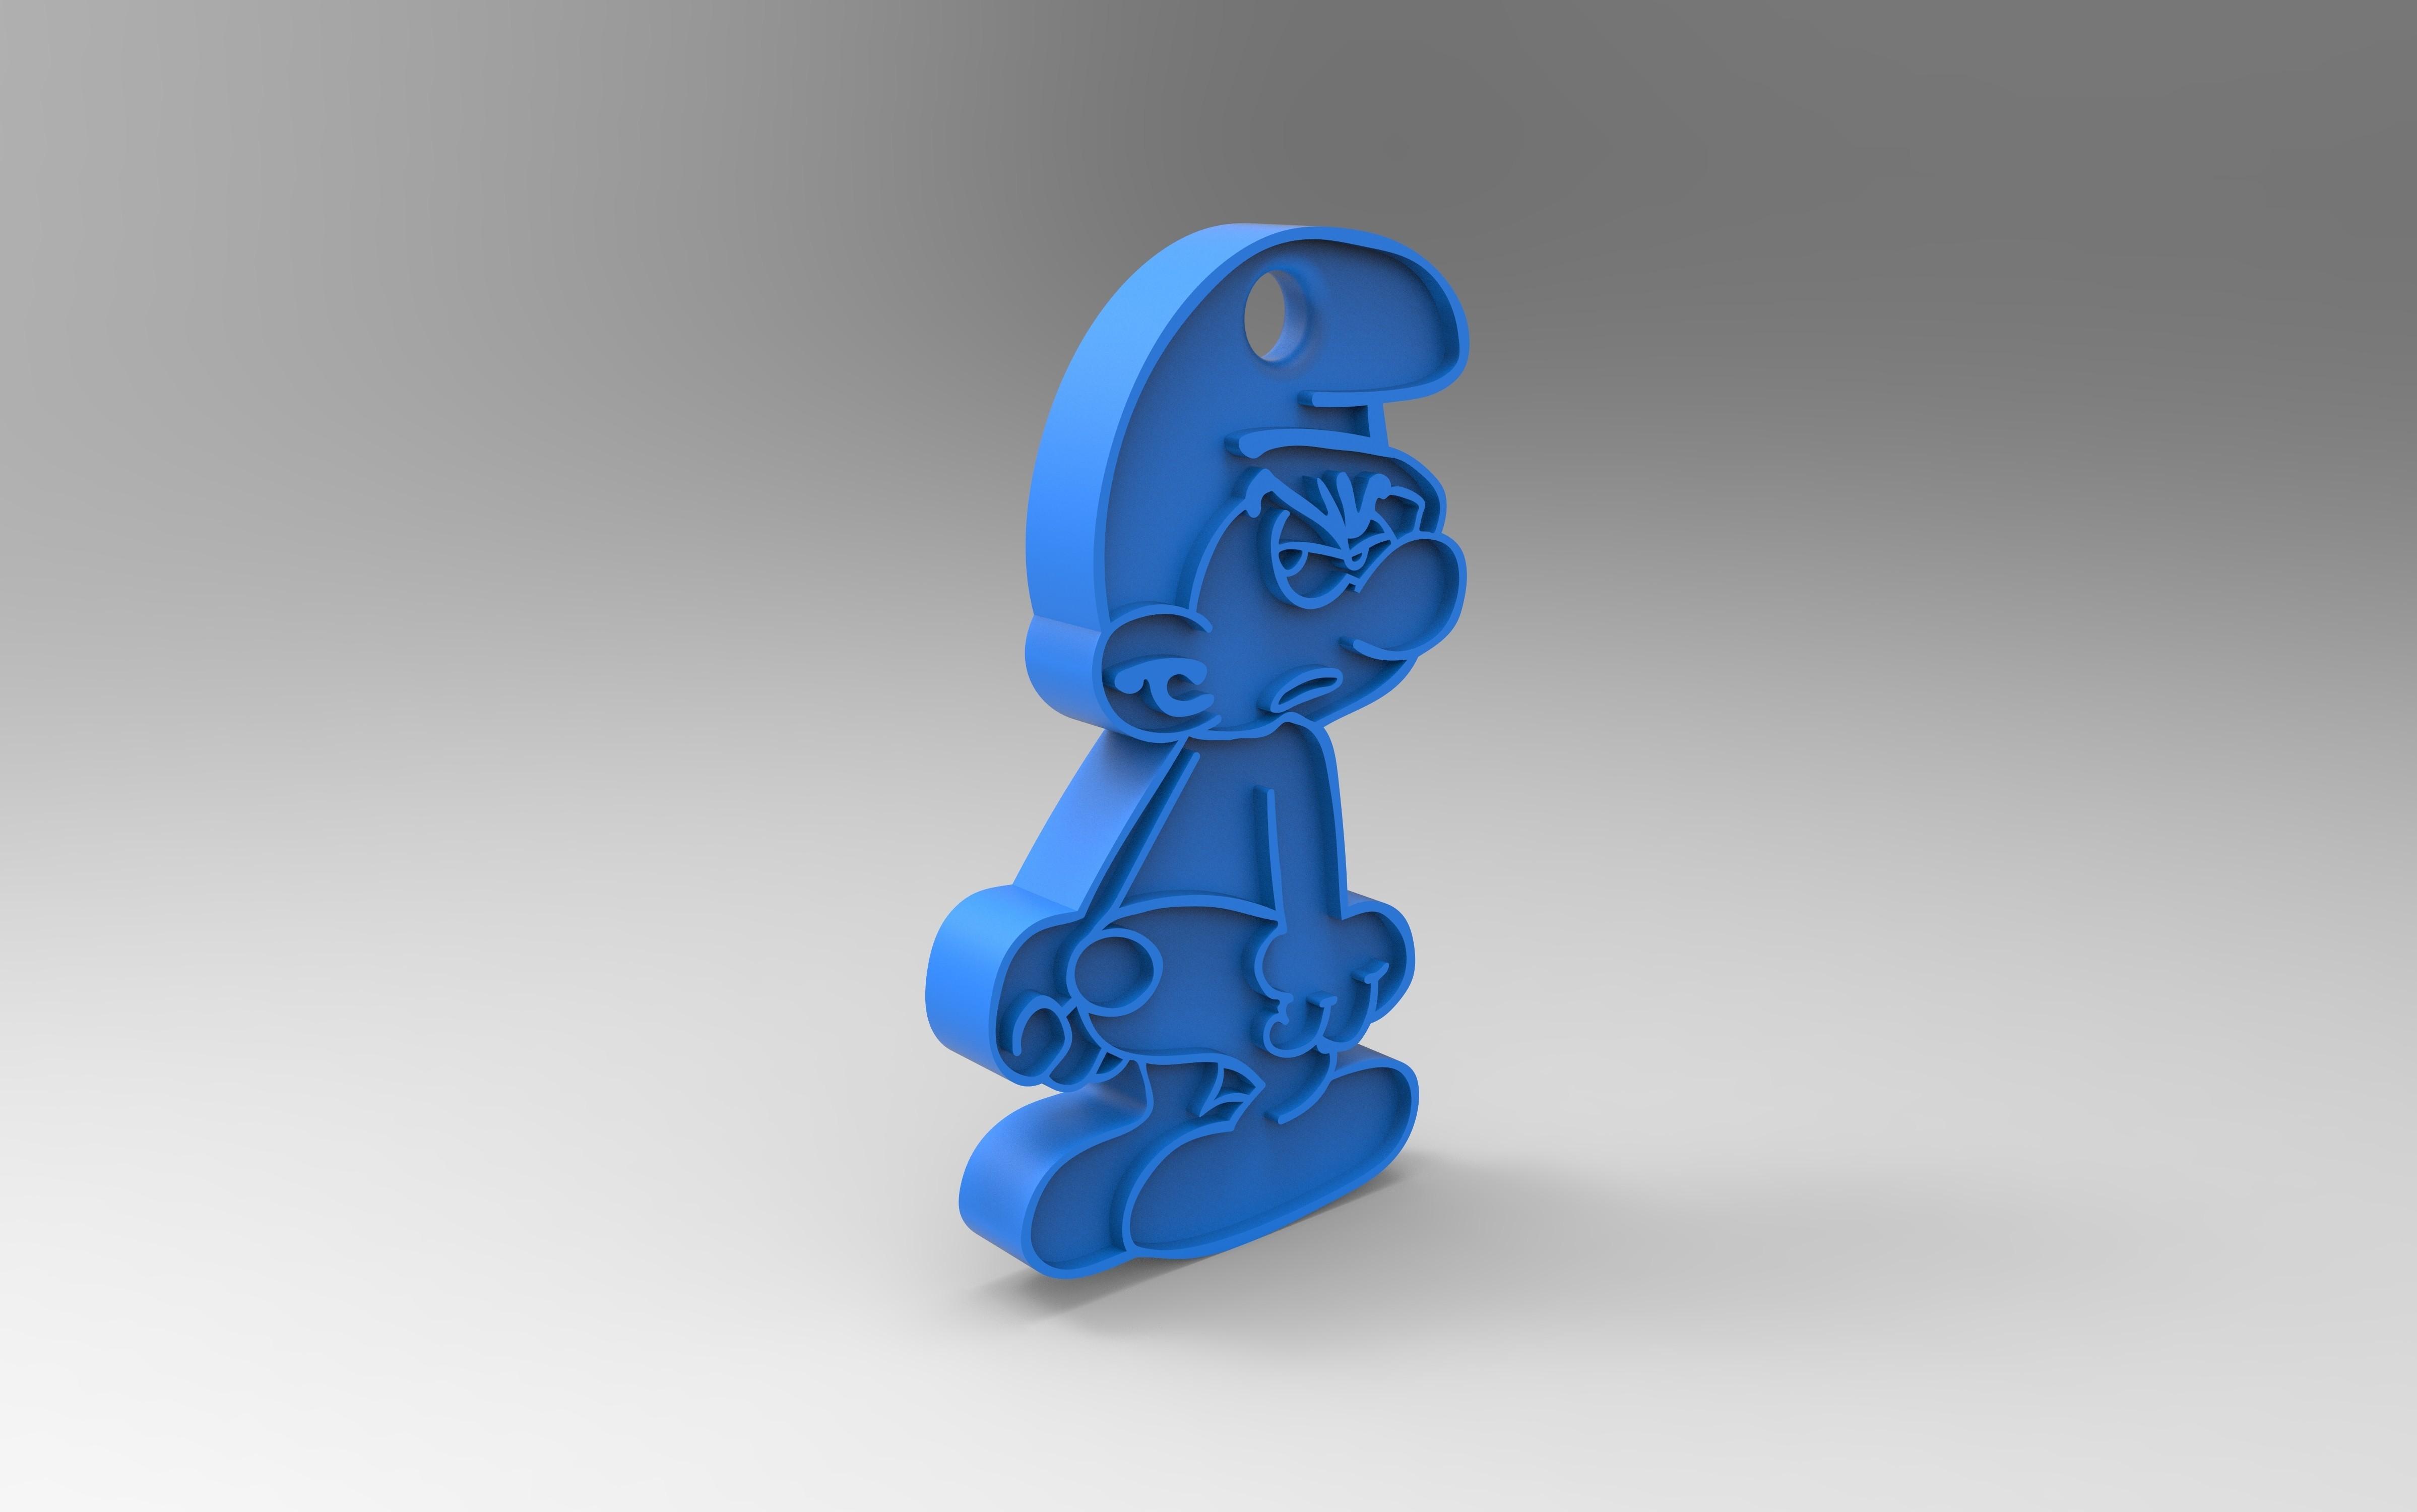 rendu.jpg Télécharger fichier STL gratuit Porte clef • Design pour impression 3D, GuilhemPerroud